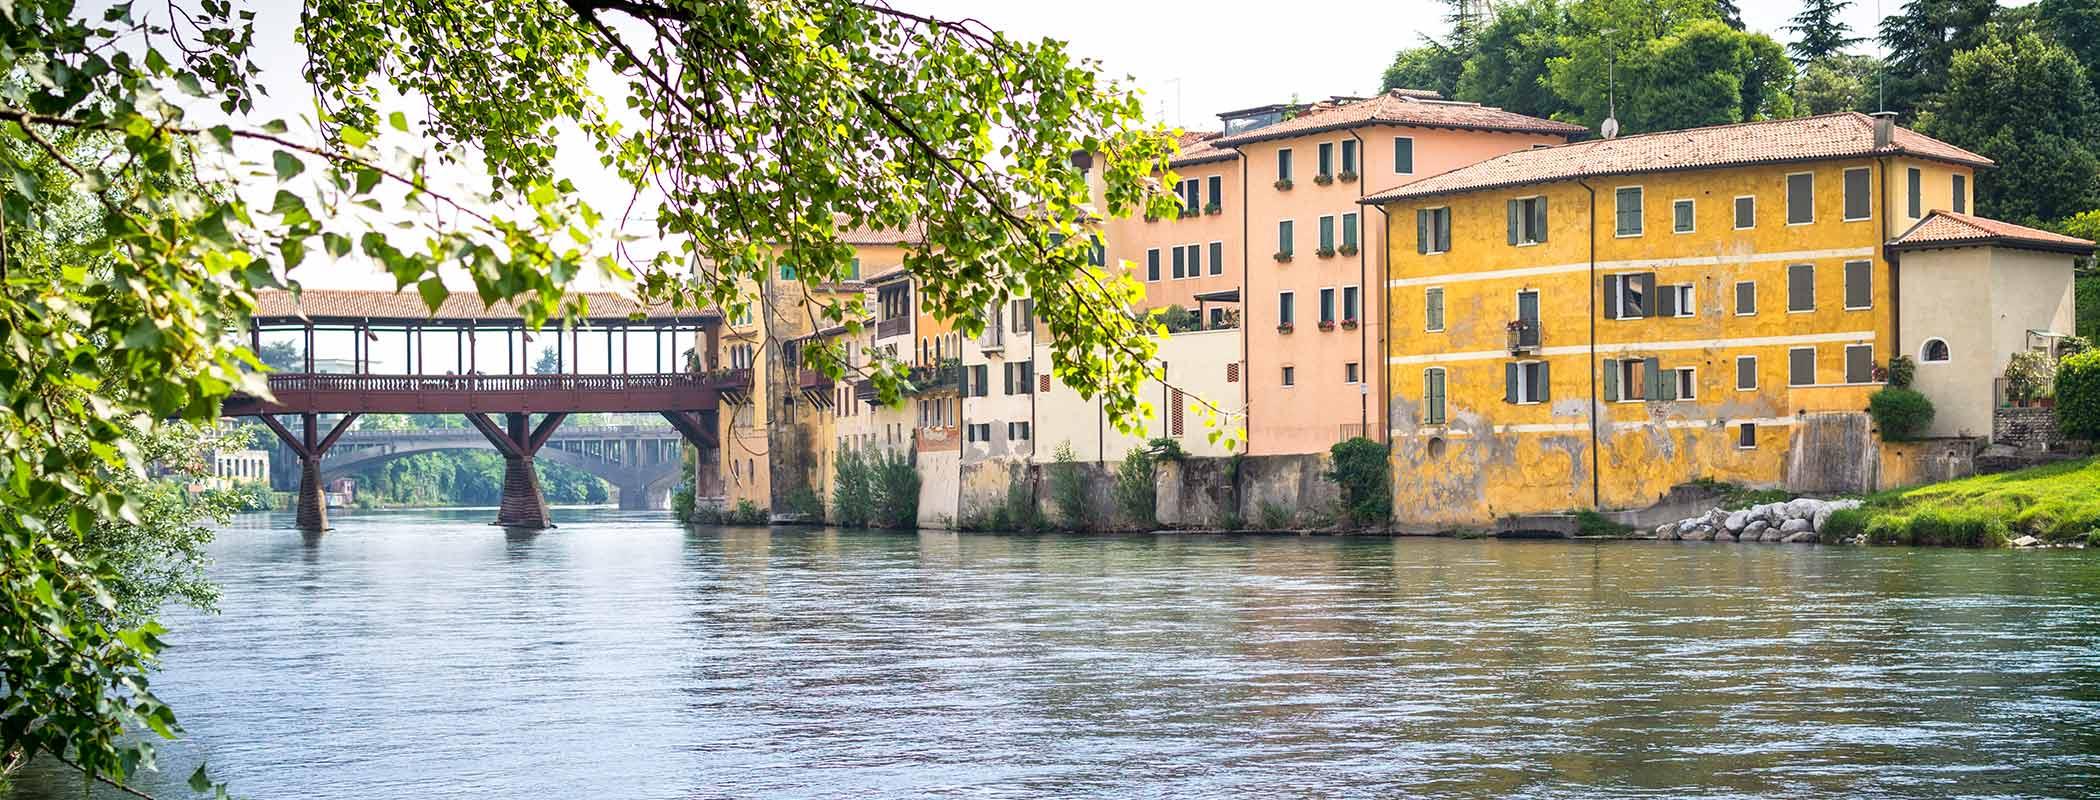 Agenzie Immobiliari Bassano bassano-del-grappa - zonta immobiliare